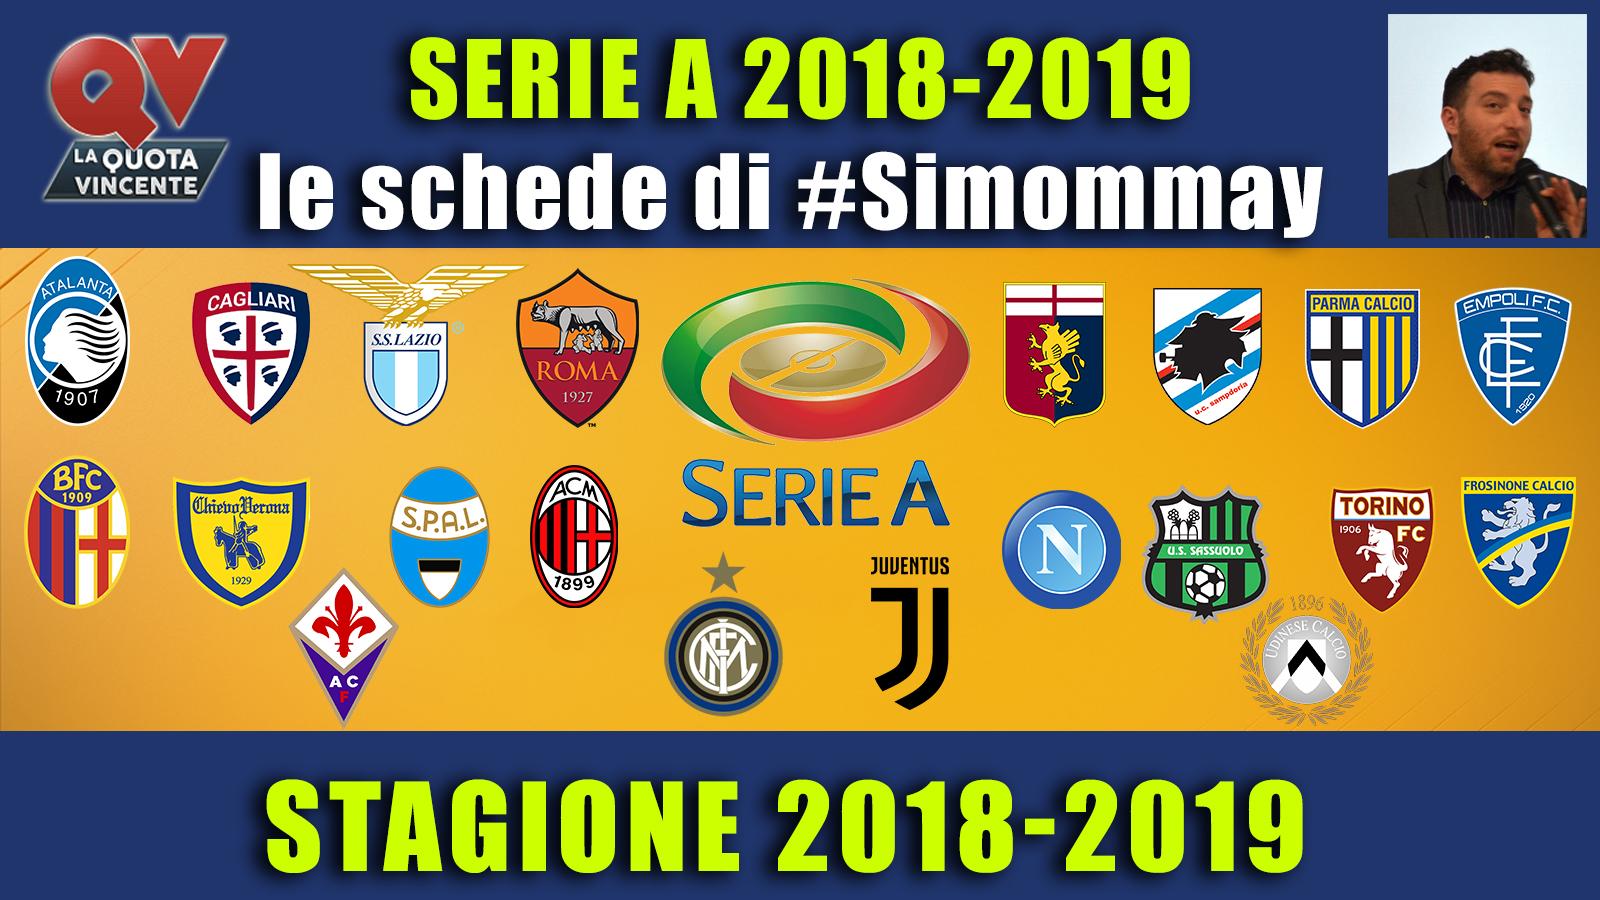 Guida Serie A 2018-2019: tutto quello che c'è da sapere sulla Serie A 2019